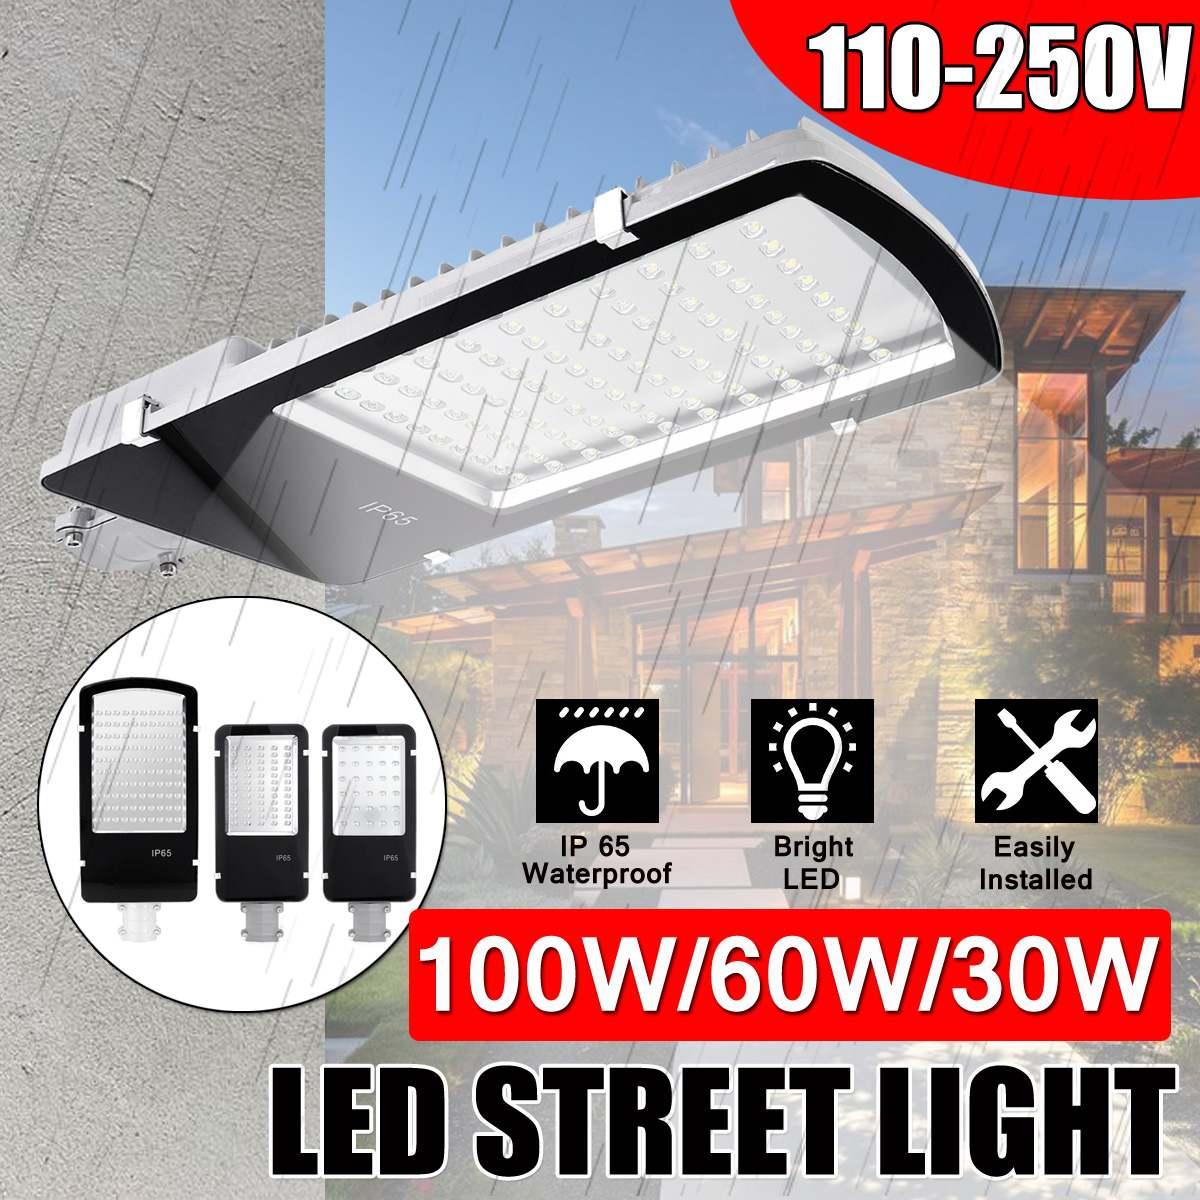 Super lumineux 30/60/100 W LED lampe solaire mur rue lumière étanche inondation sécurité jardin rue d'urgence lumière extérieure